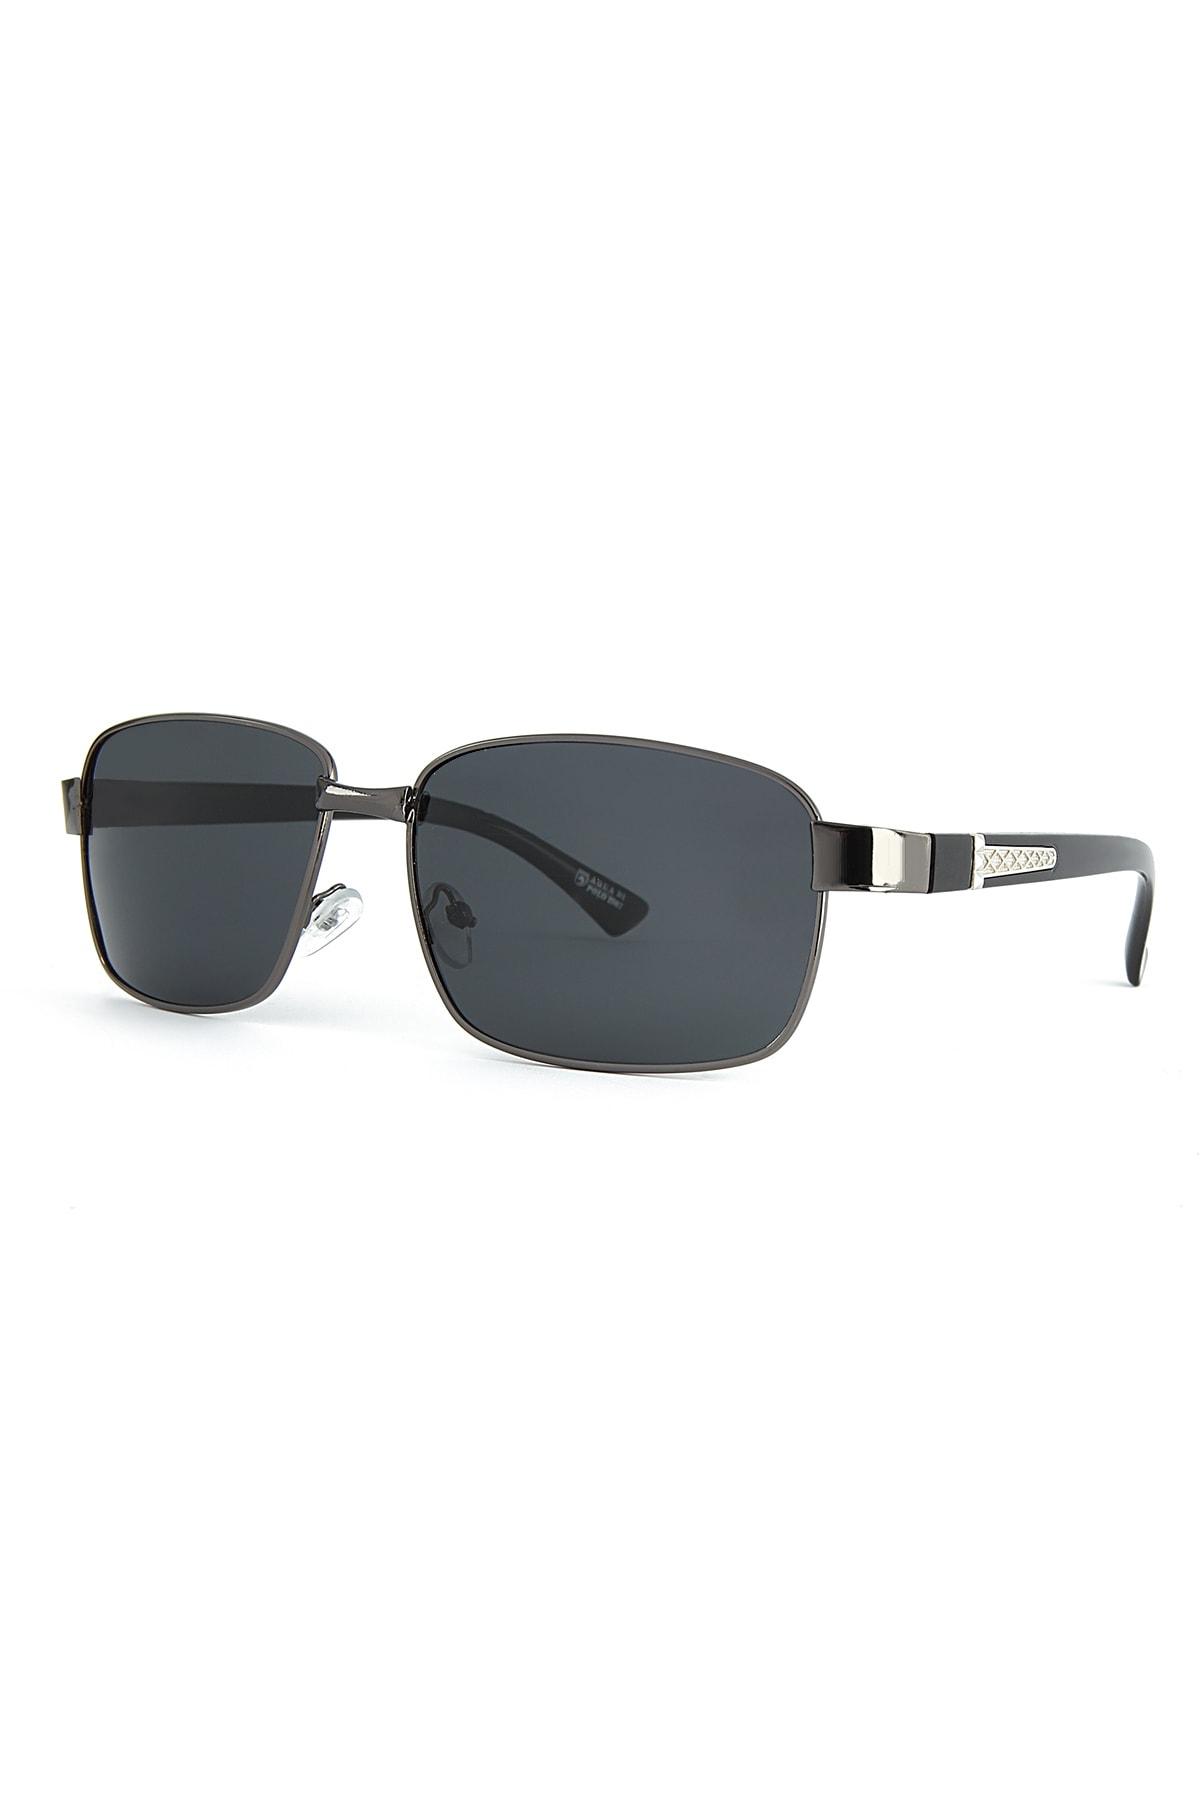 Aqua Di Polo 1987 Basic Siyah Erkek Güneş Gözlüğü Apss033800 1